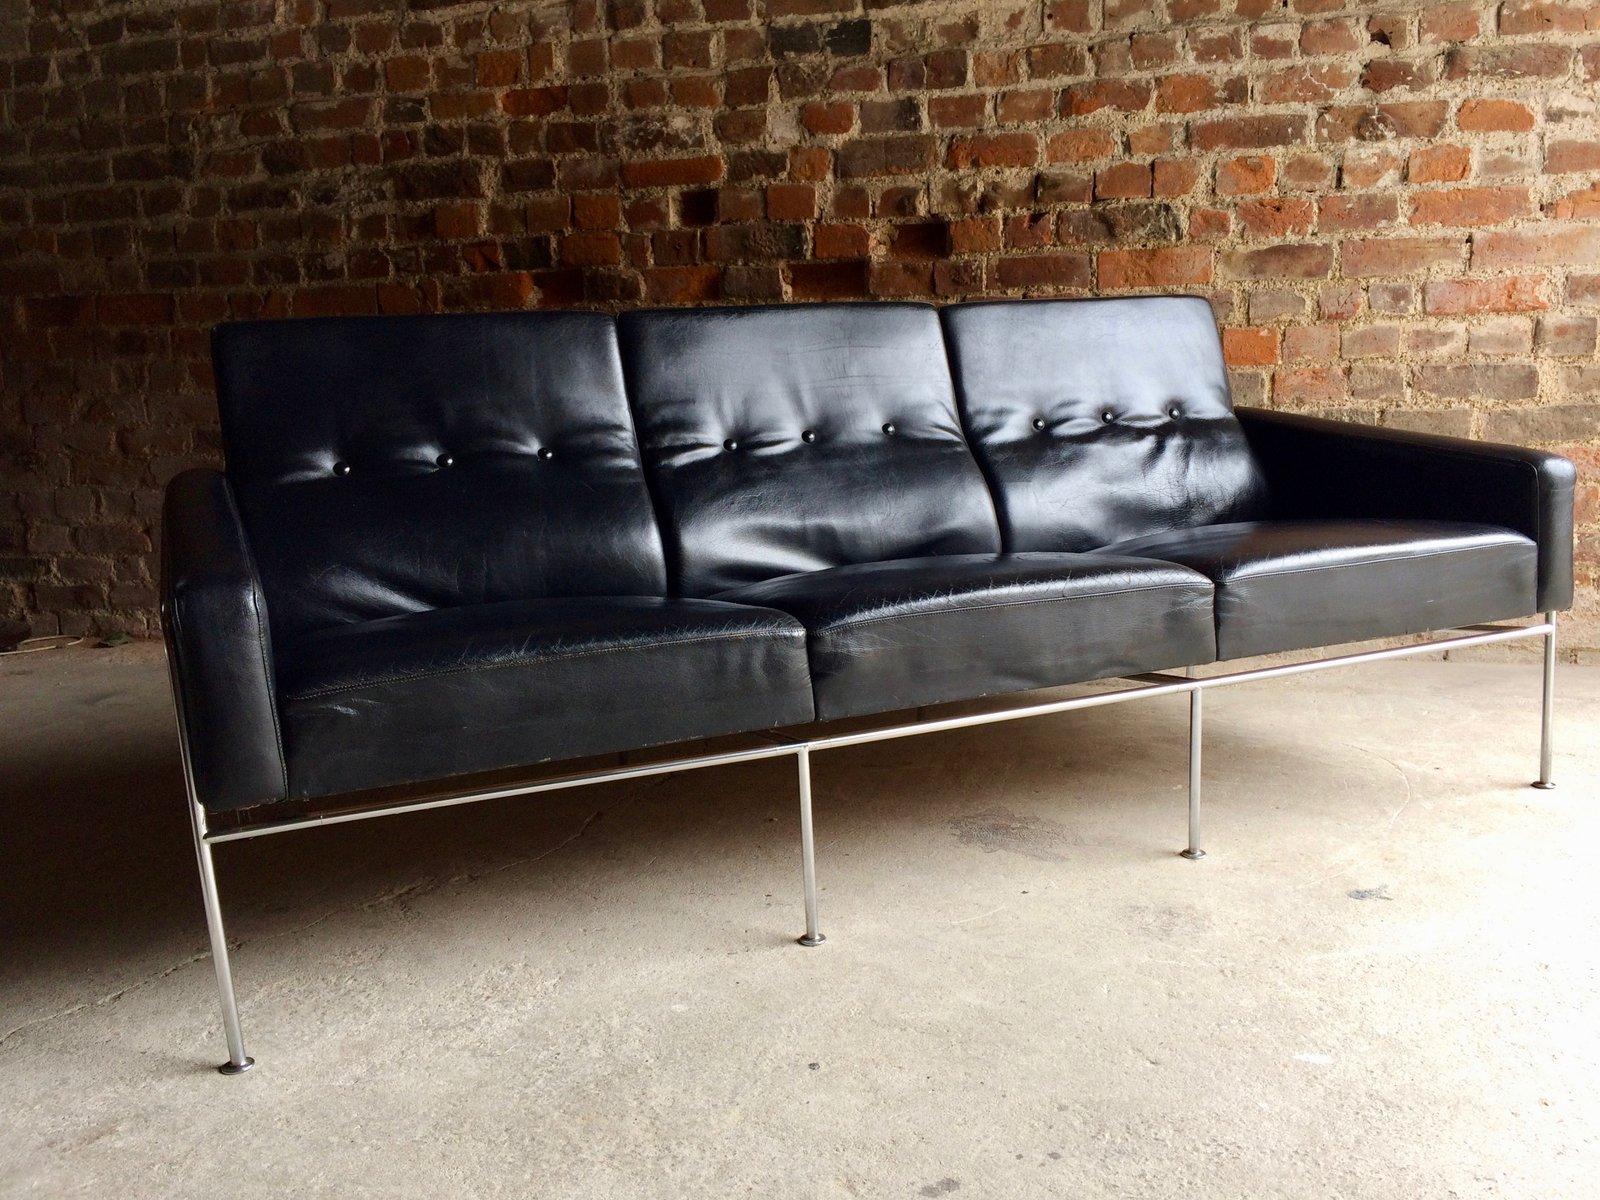 arne jacobsen sofa tradition mayor sofa design arne. Black Bedroom Furniture Sets. Home Design Ideas